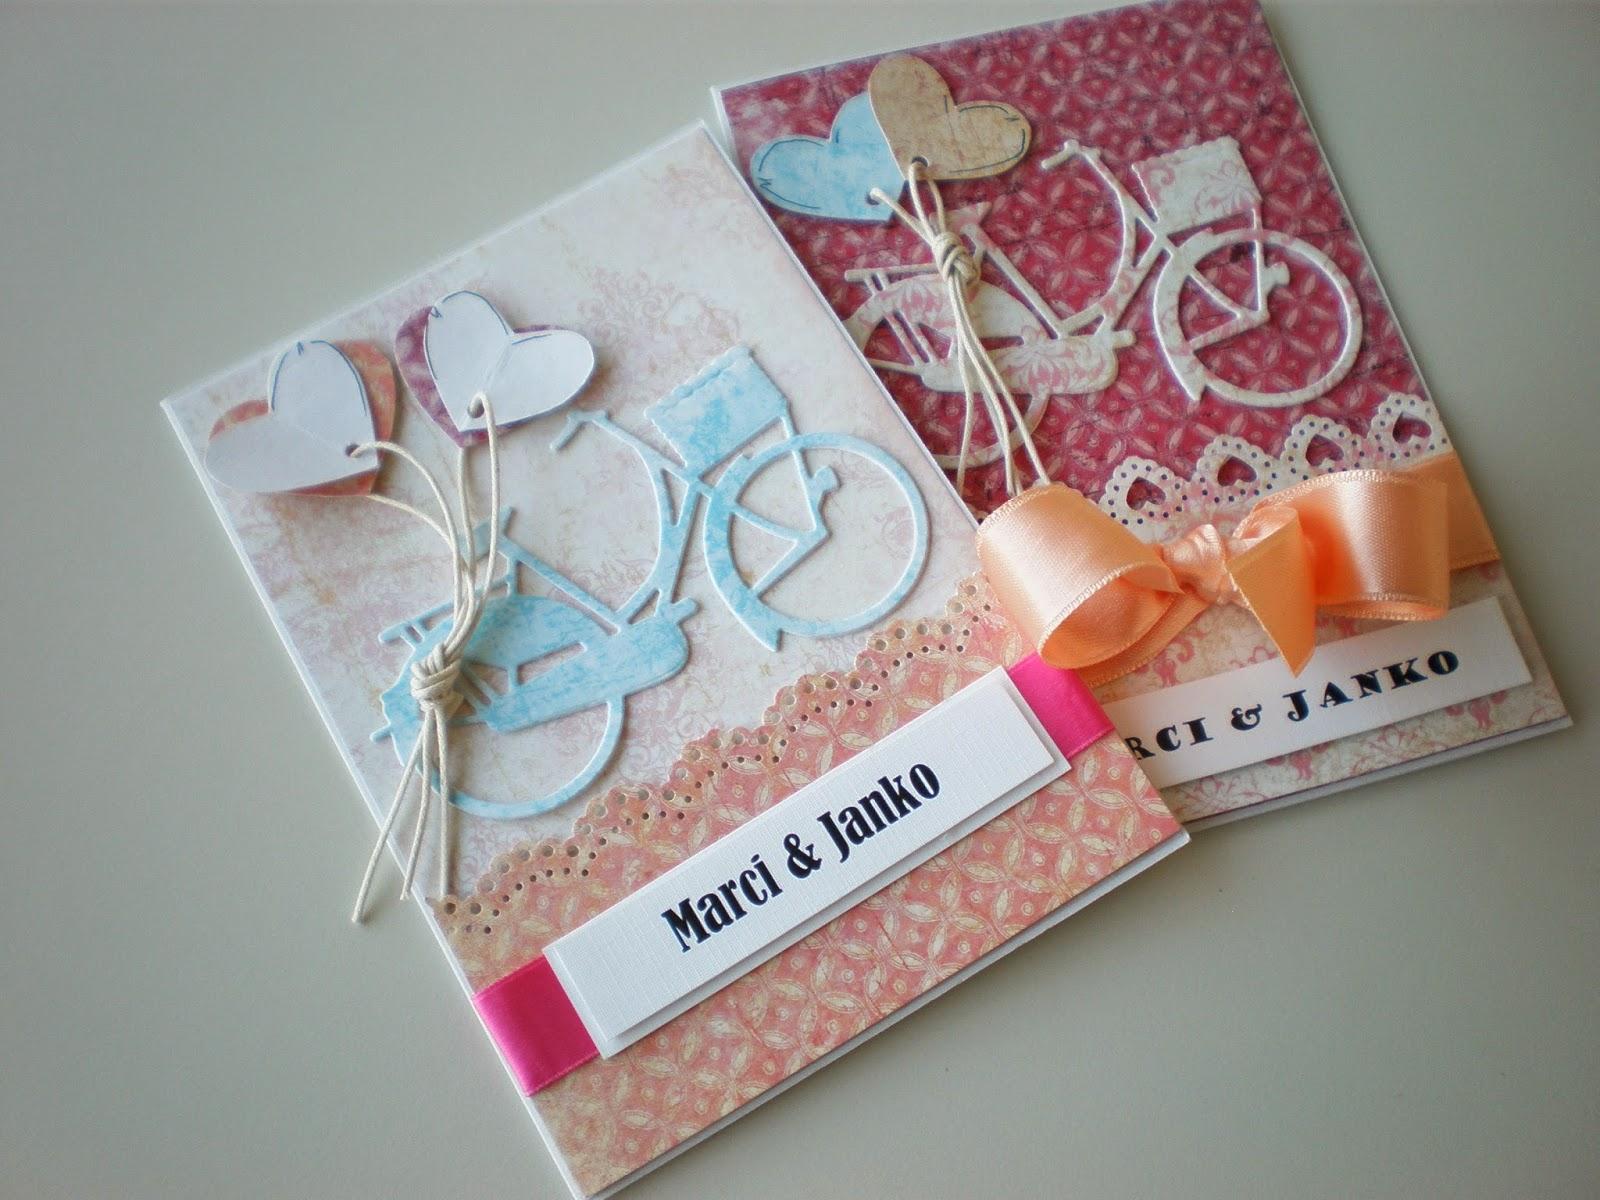 Bicyklové svadobné oznámenia / Bike wedding invitations